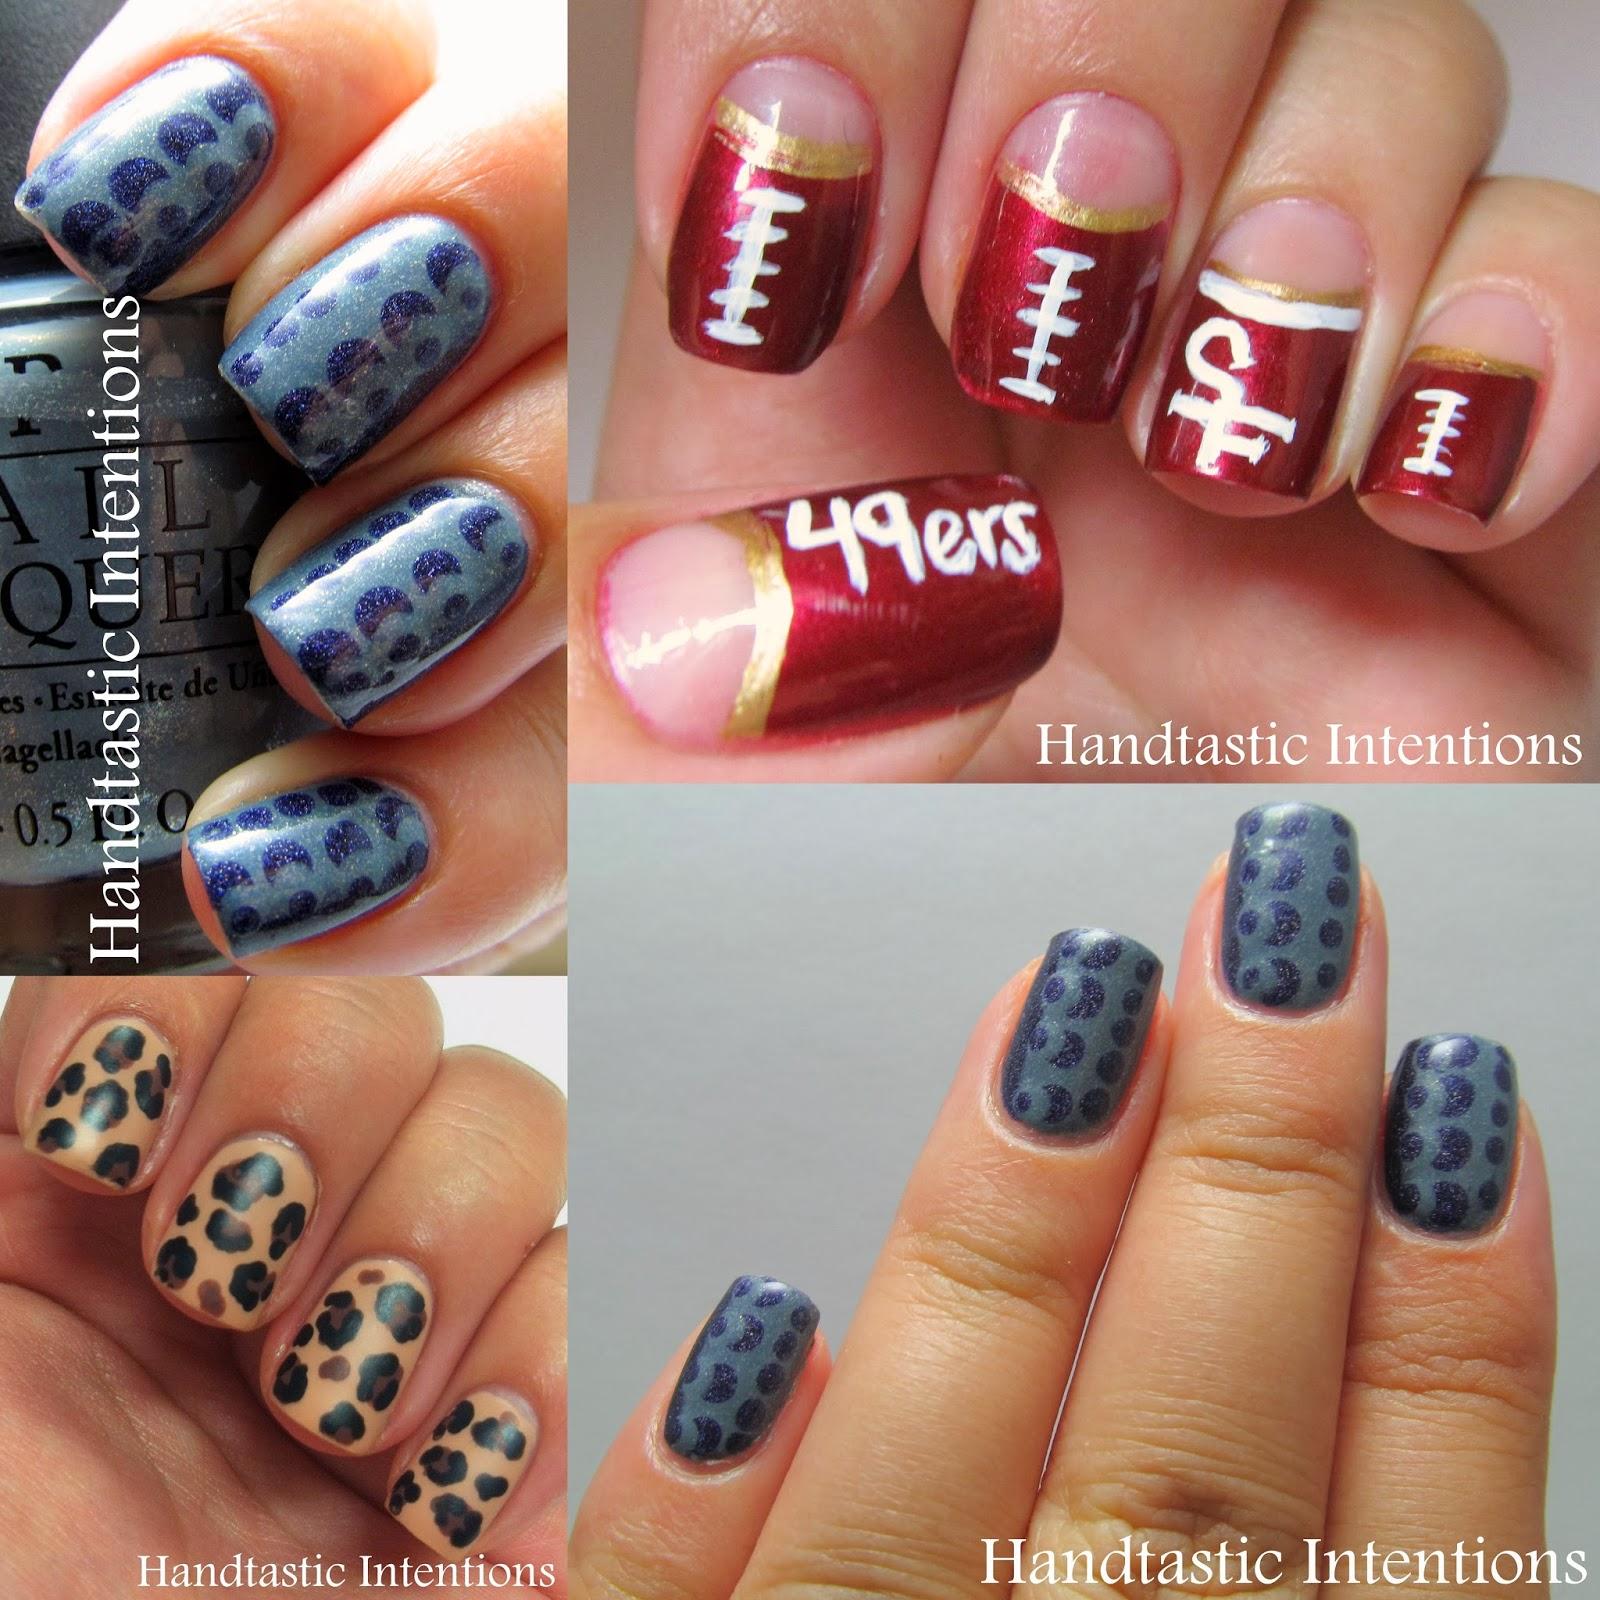 Handtastic Intentions Nail Art A Random Sampling